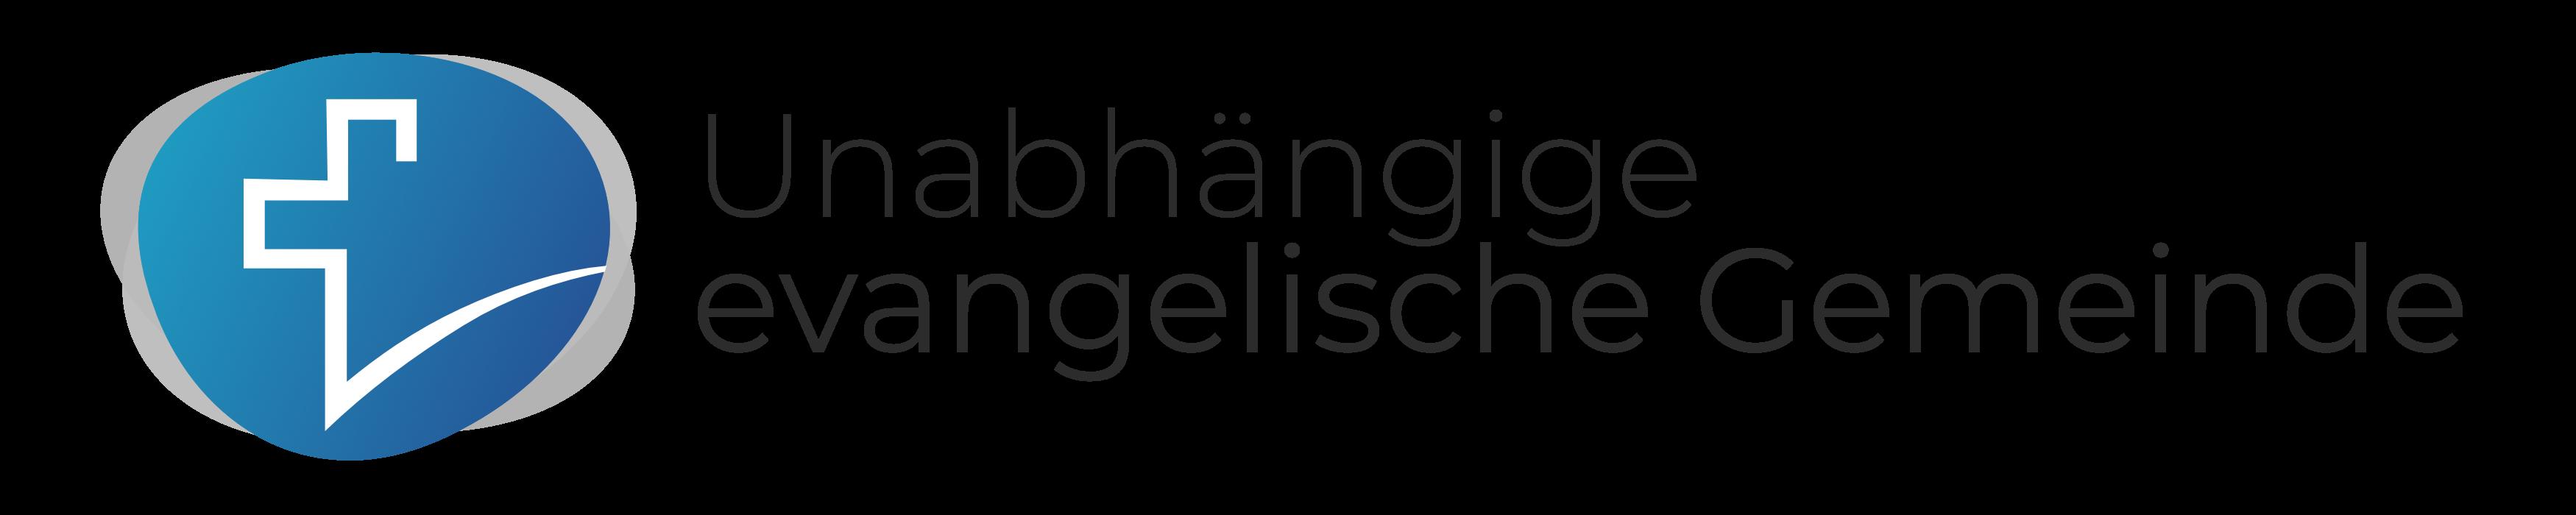 Unabhängige evangelische Gemeinde Friedrichshafen